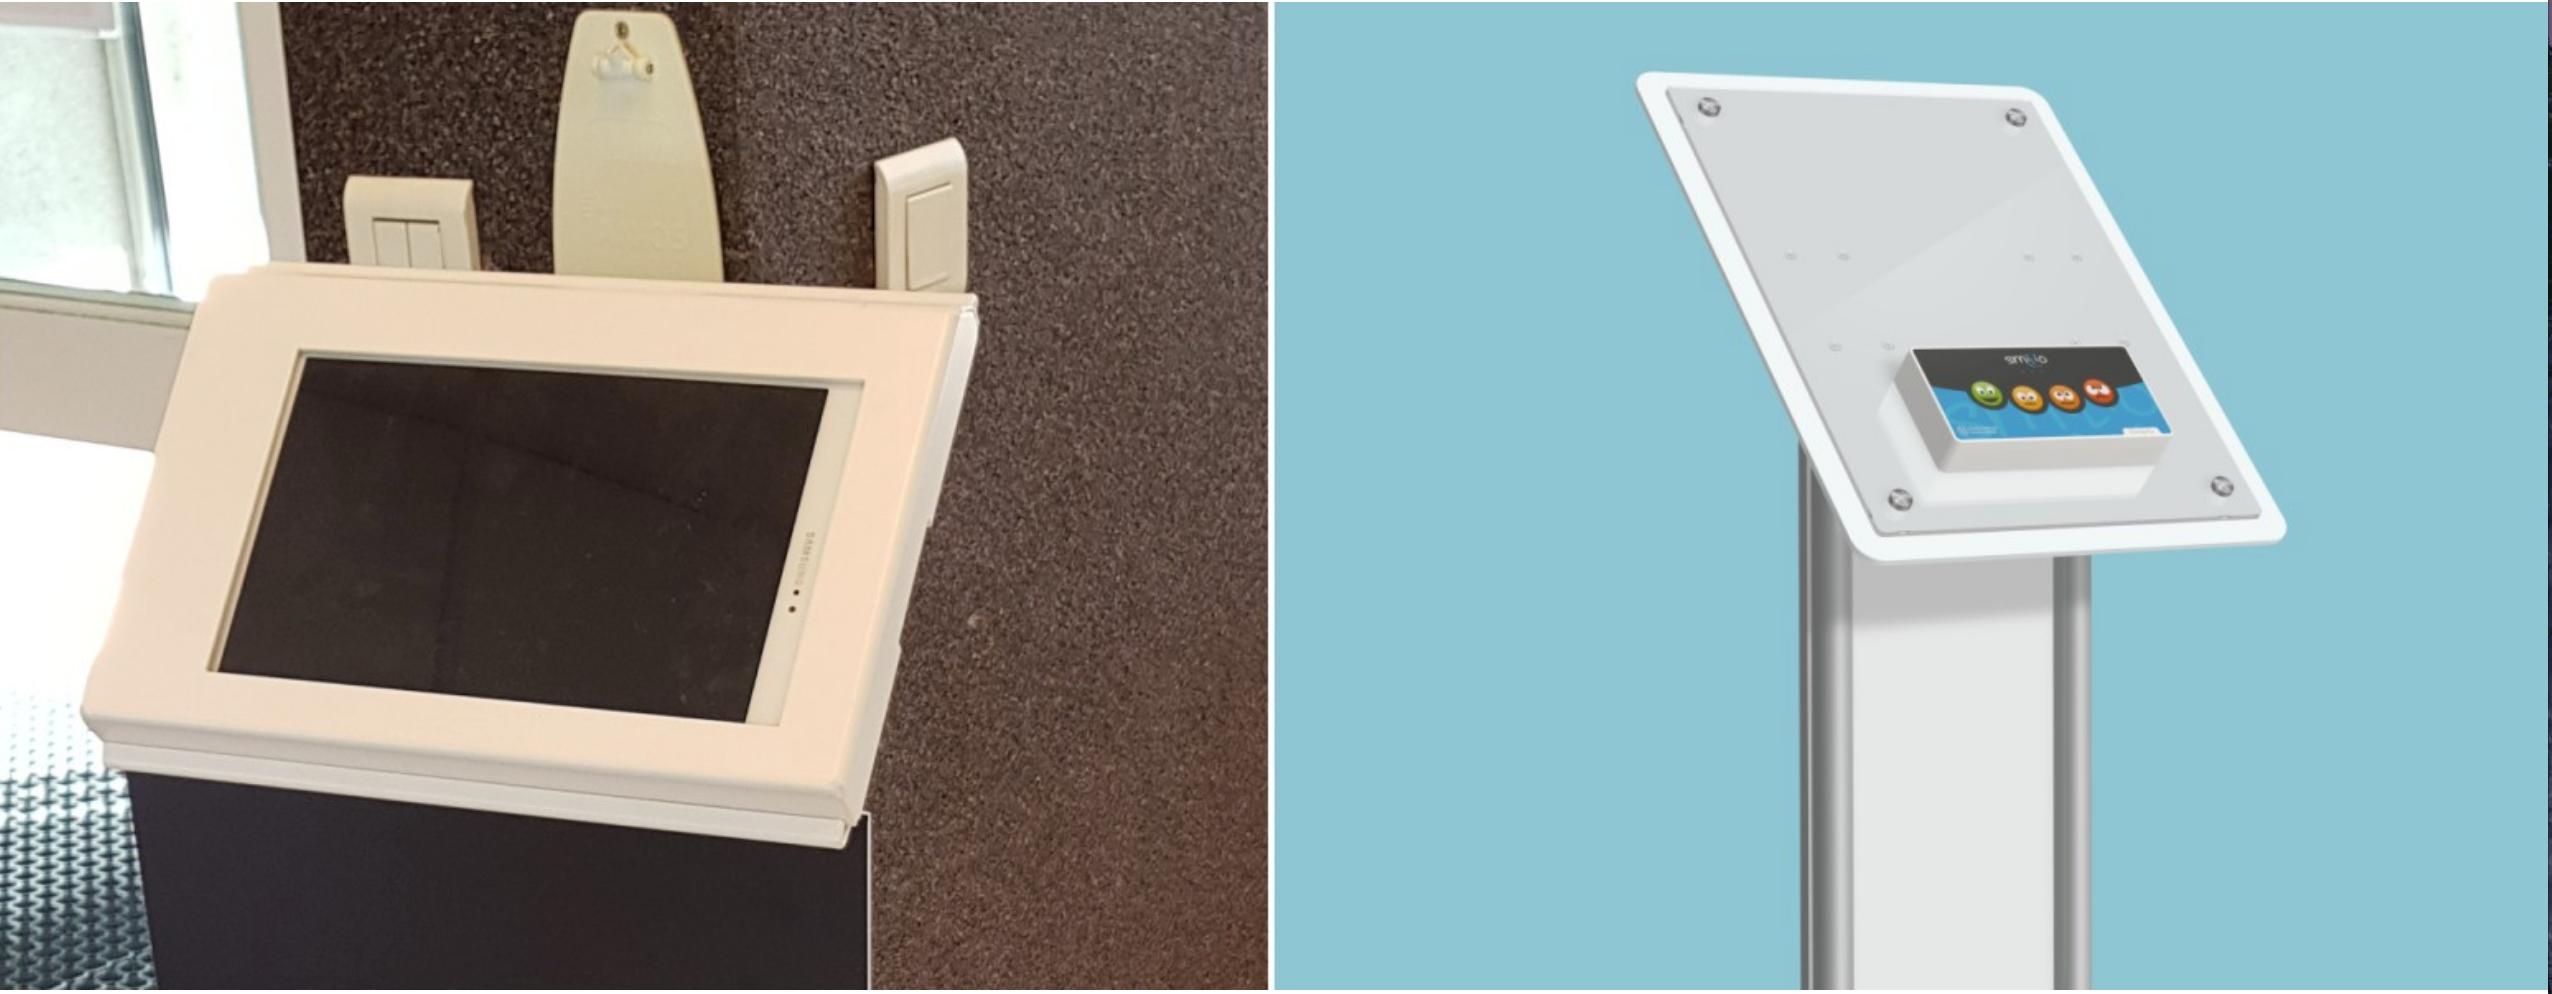 @Sigfox: #Smilio vs Tablet: cuando el IoT consume 86 140 veces menos energía por el mismo resultado